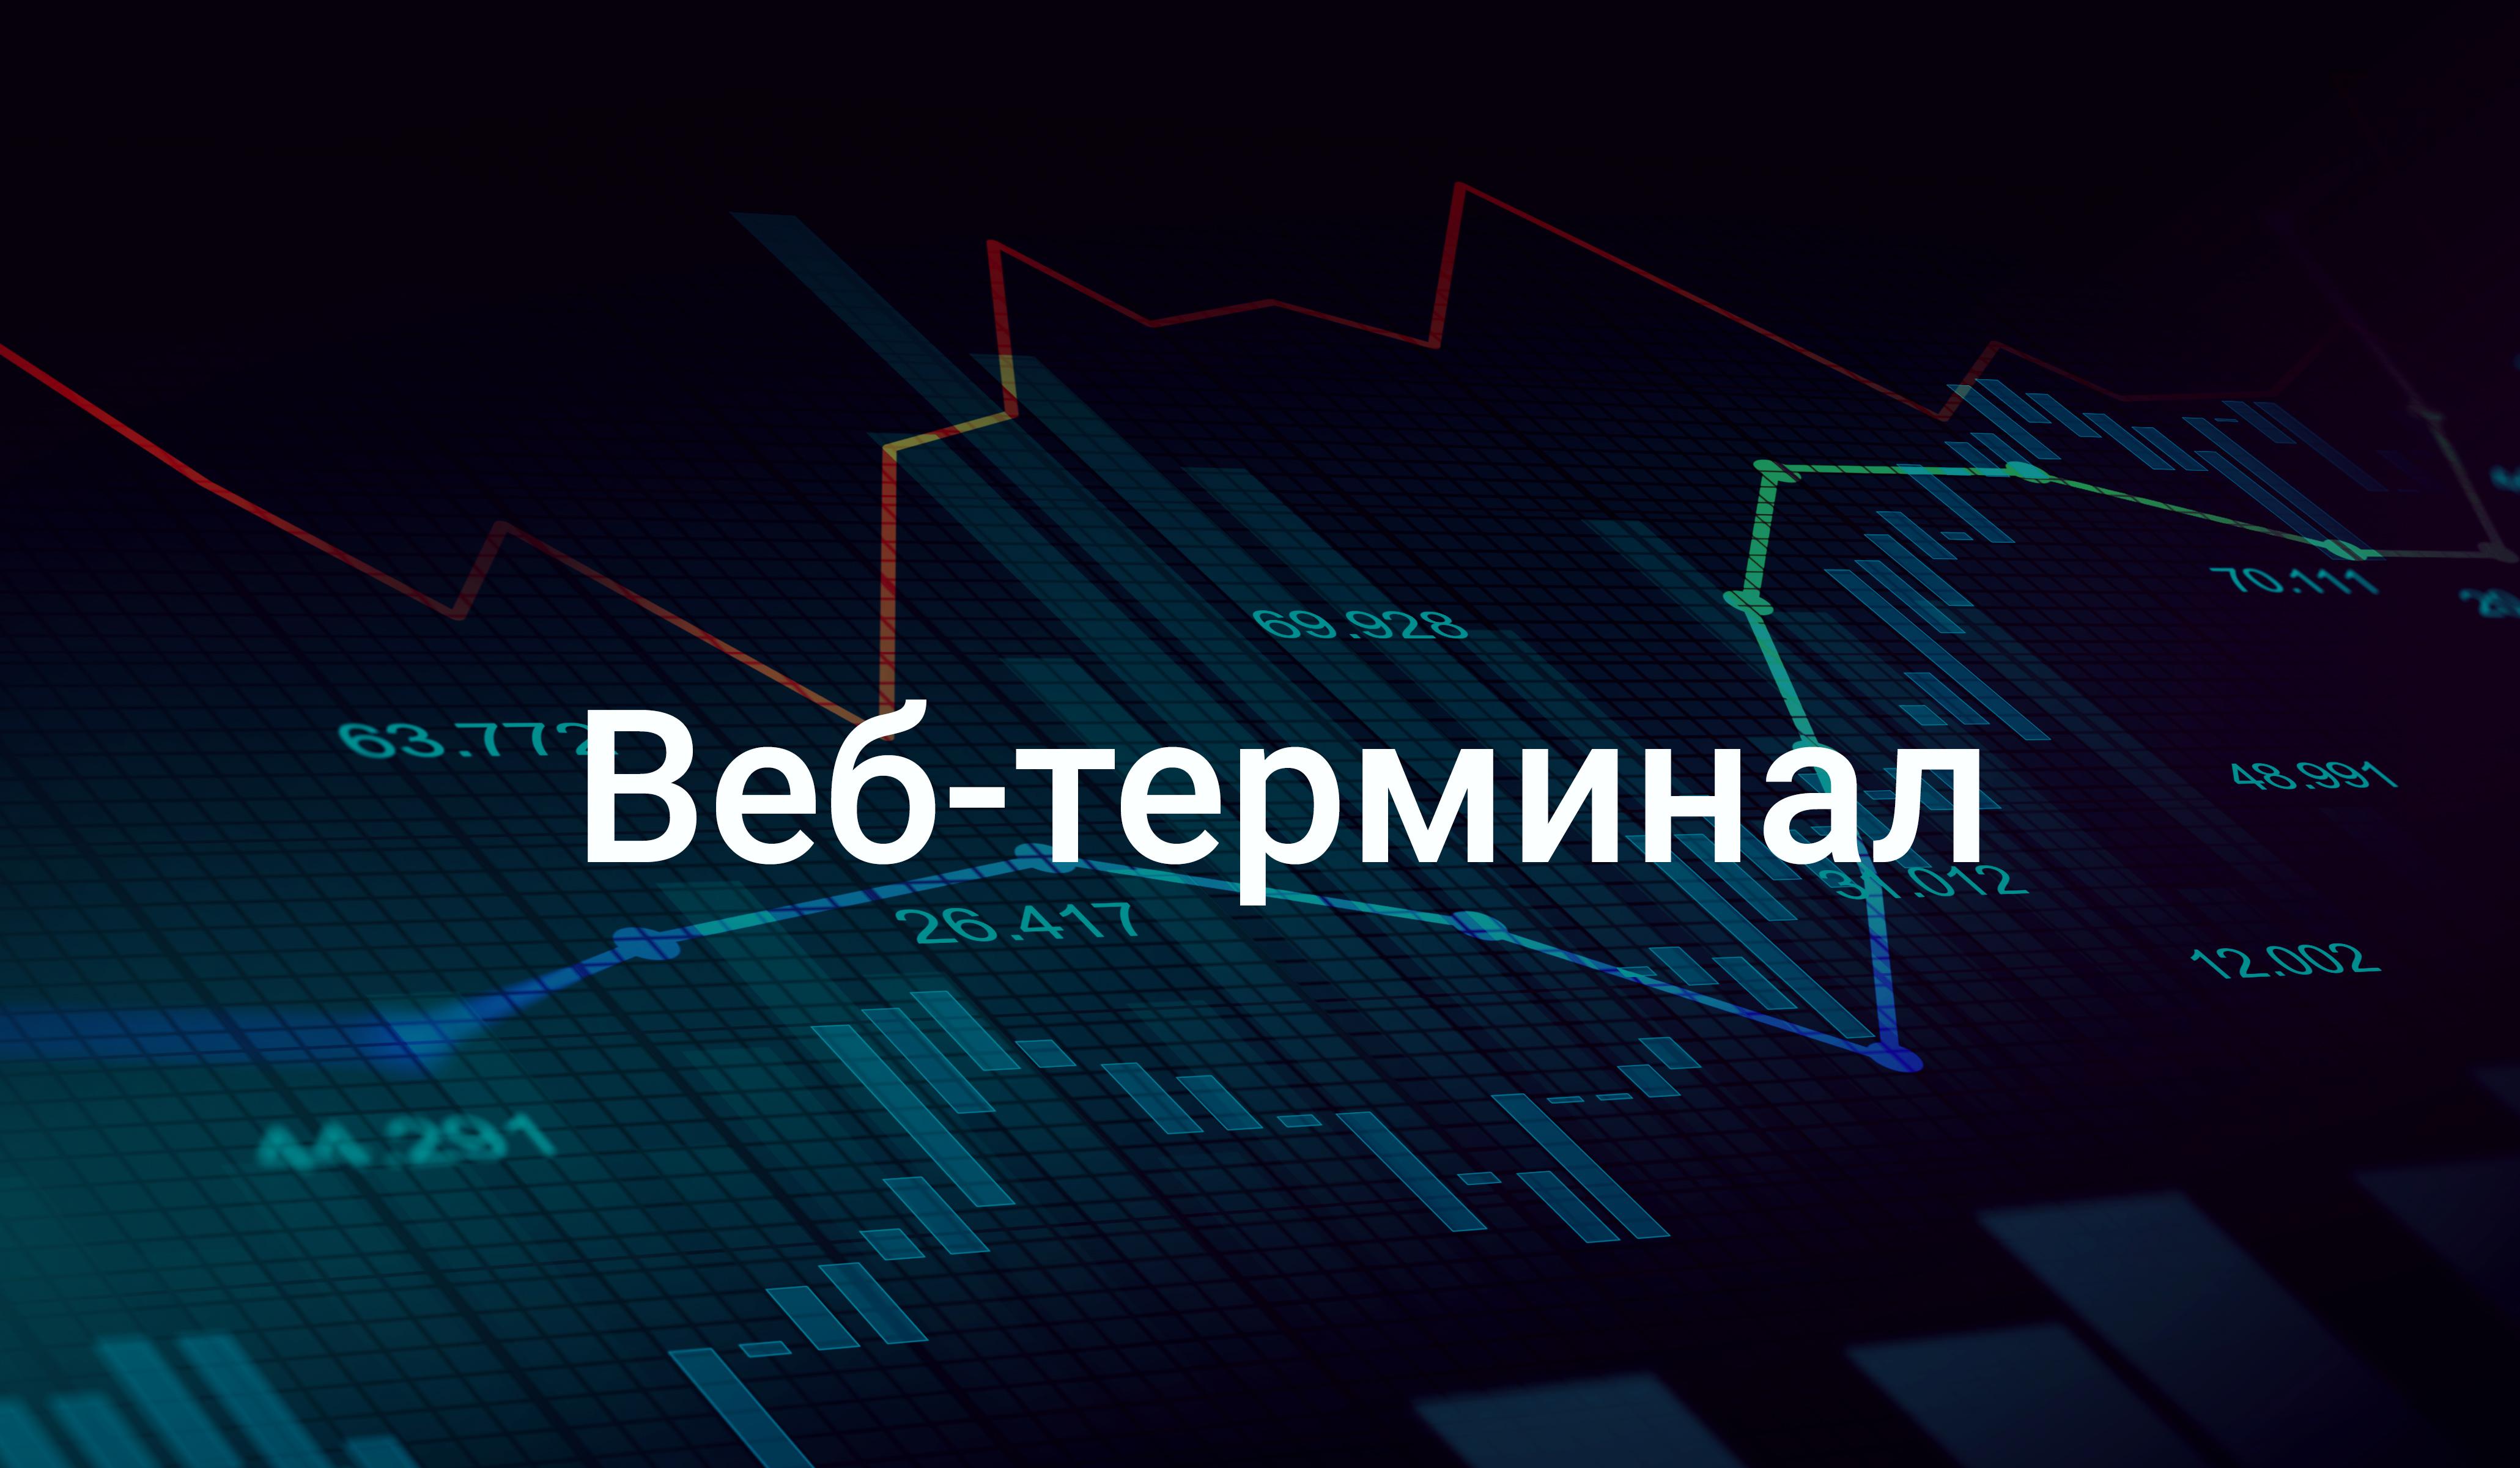 Веб-терминал